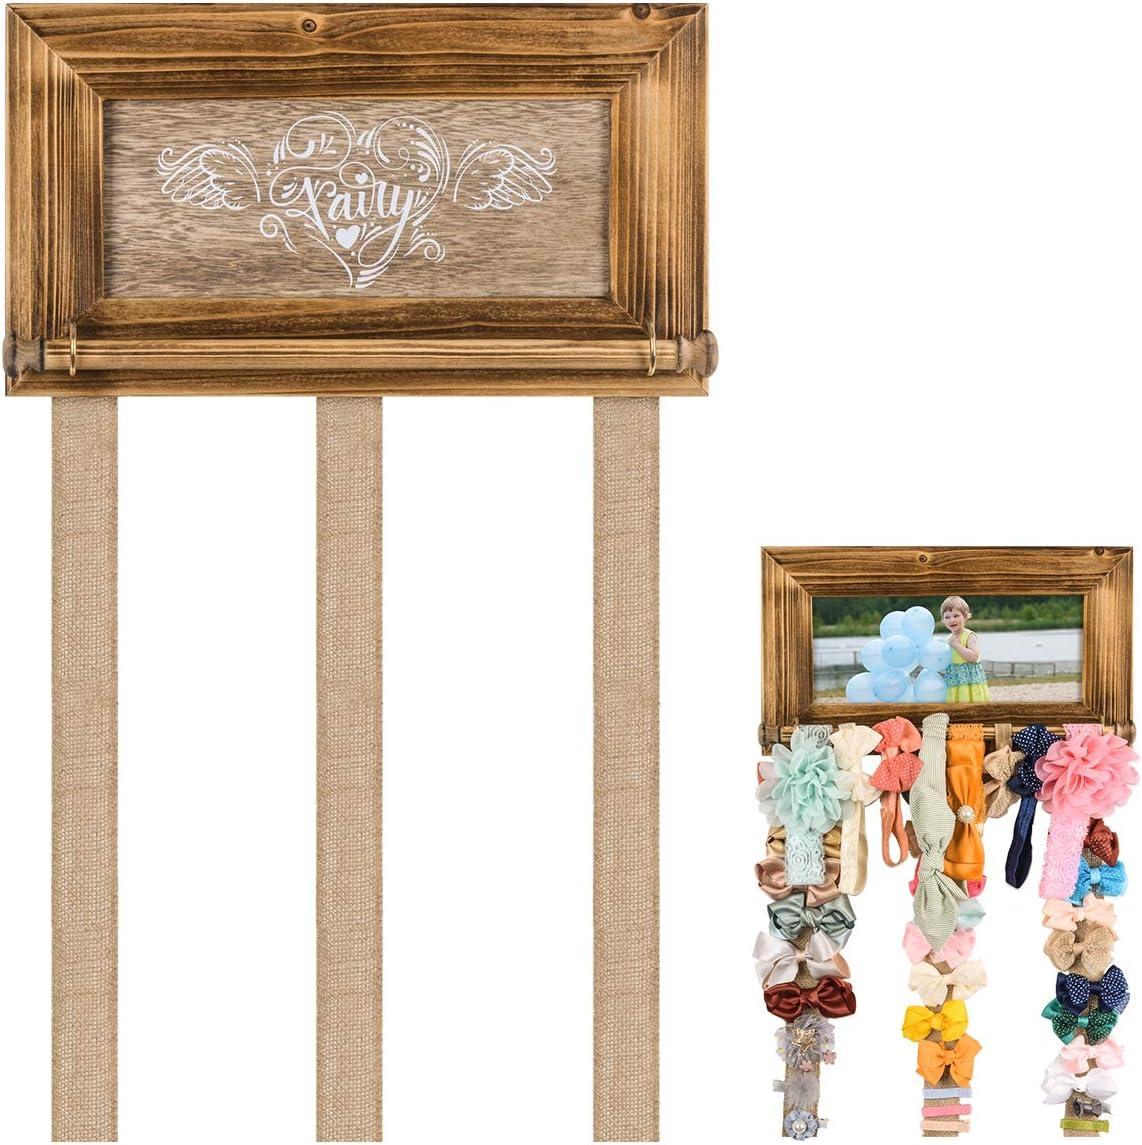 Organizador contenedor de lazos para el cabello con marco de madera para la foto,diadema para el pelo,Pinzas de cabello percha para la pared, exhibición de almacenamiento de accesorios para el cabello